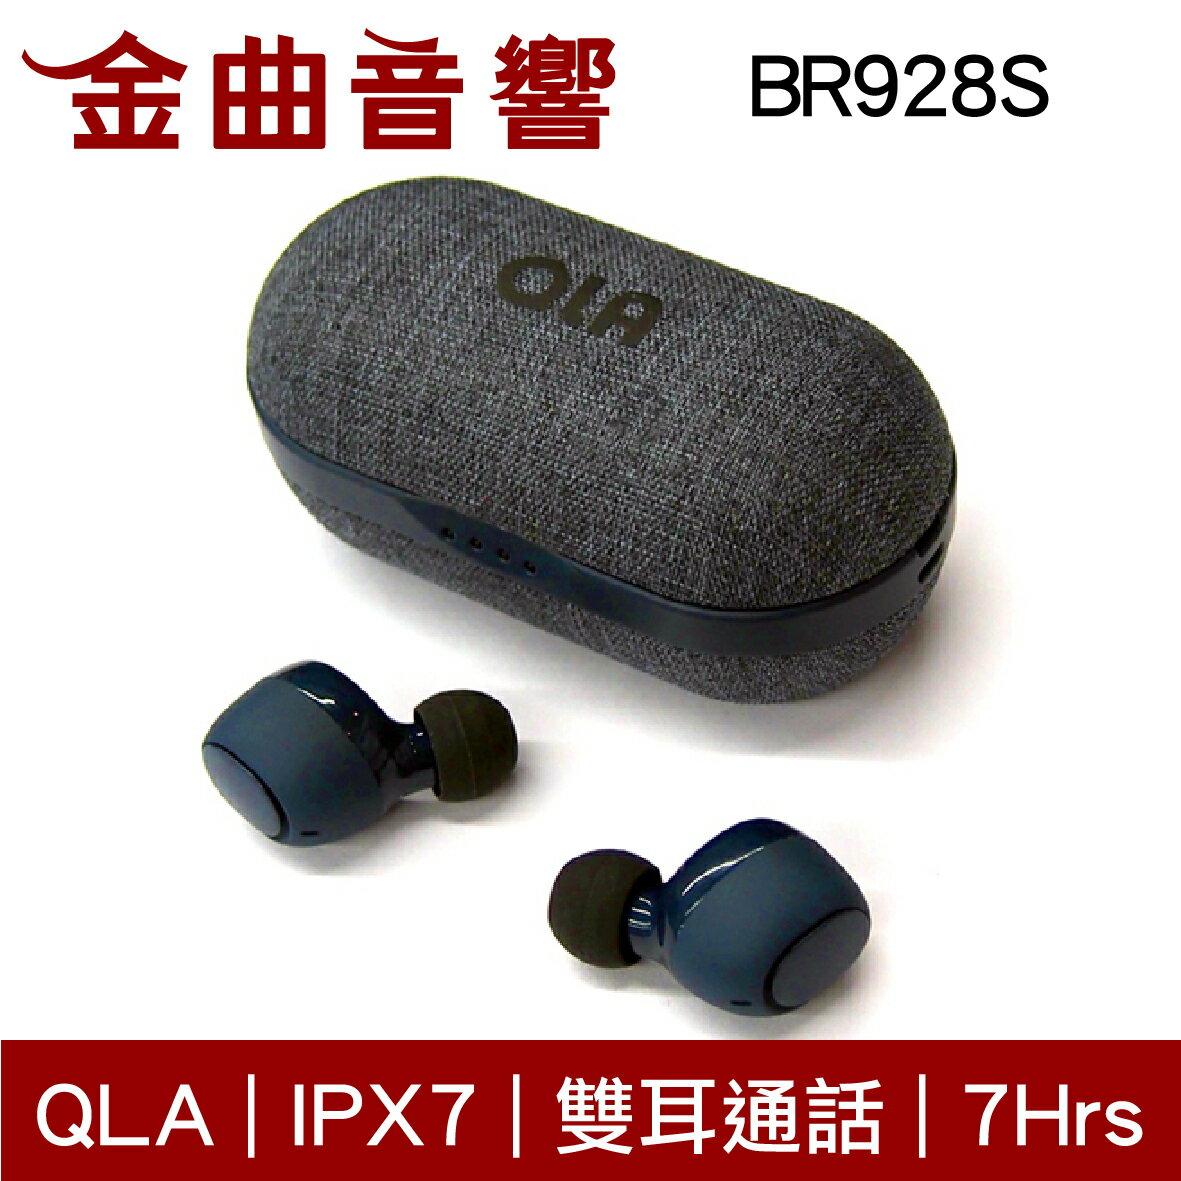 QLA BR928S 兩色可選 真無線 藍芽耳機 | 金曲音響